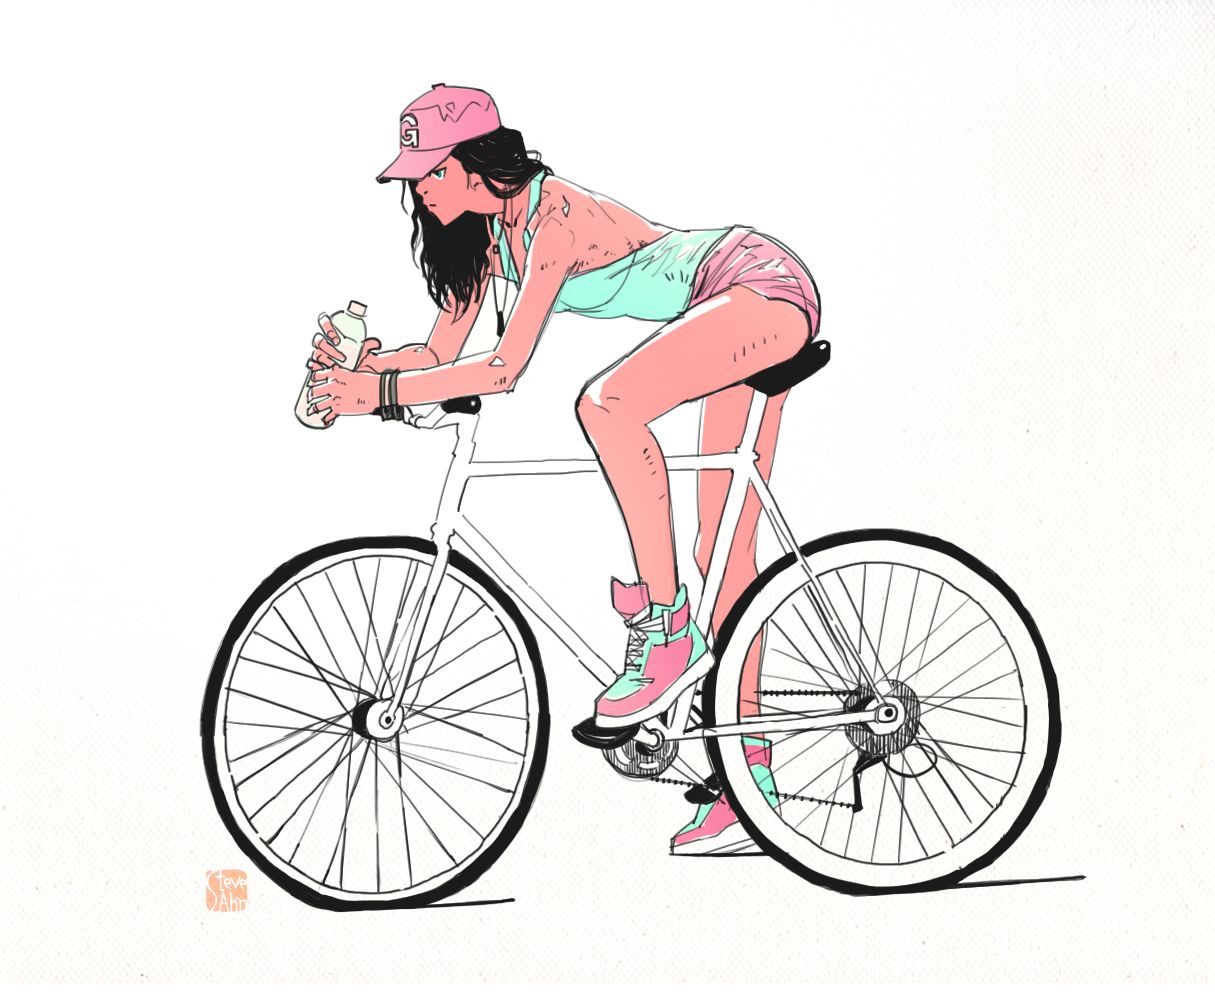 Some Bicycle Girl Photoshop 2013 Wwwfacebookcom